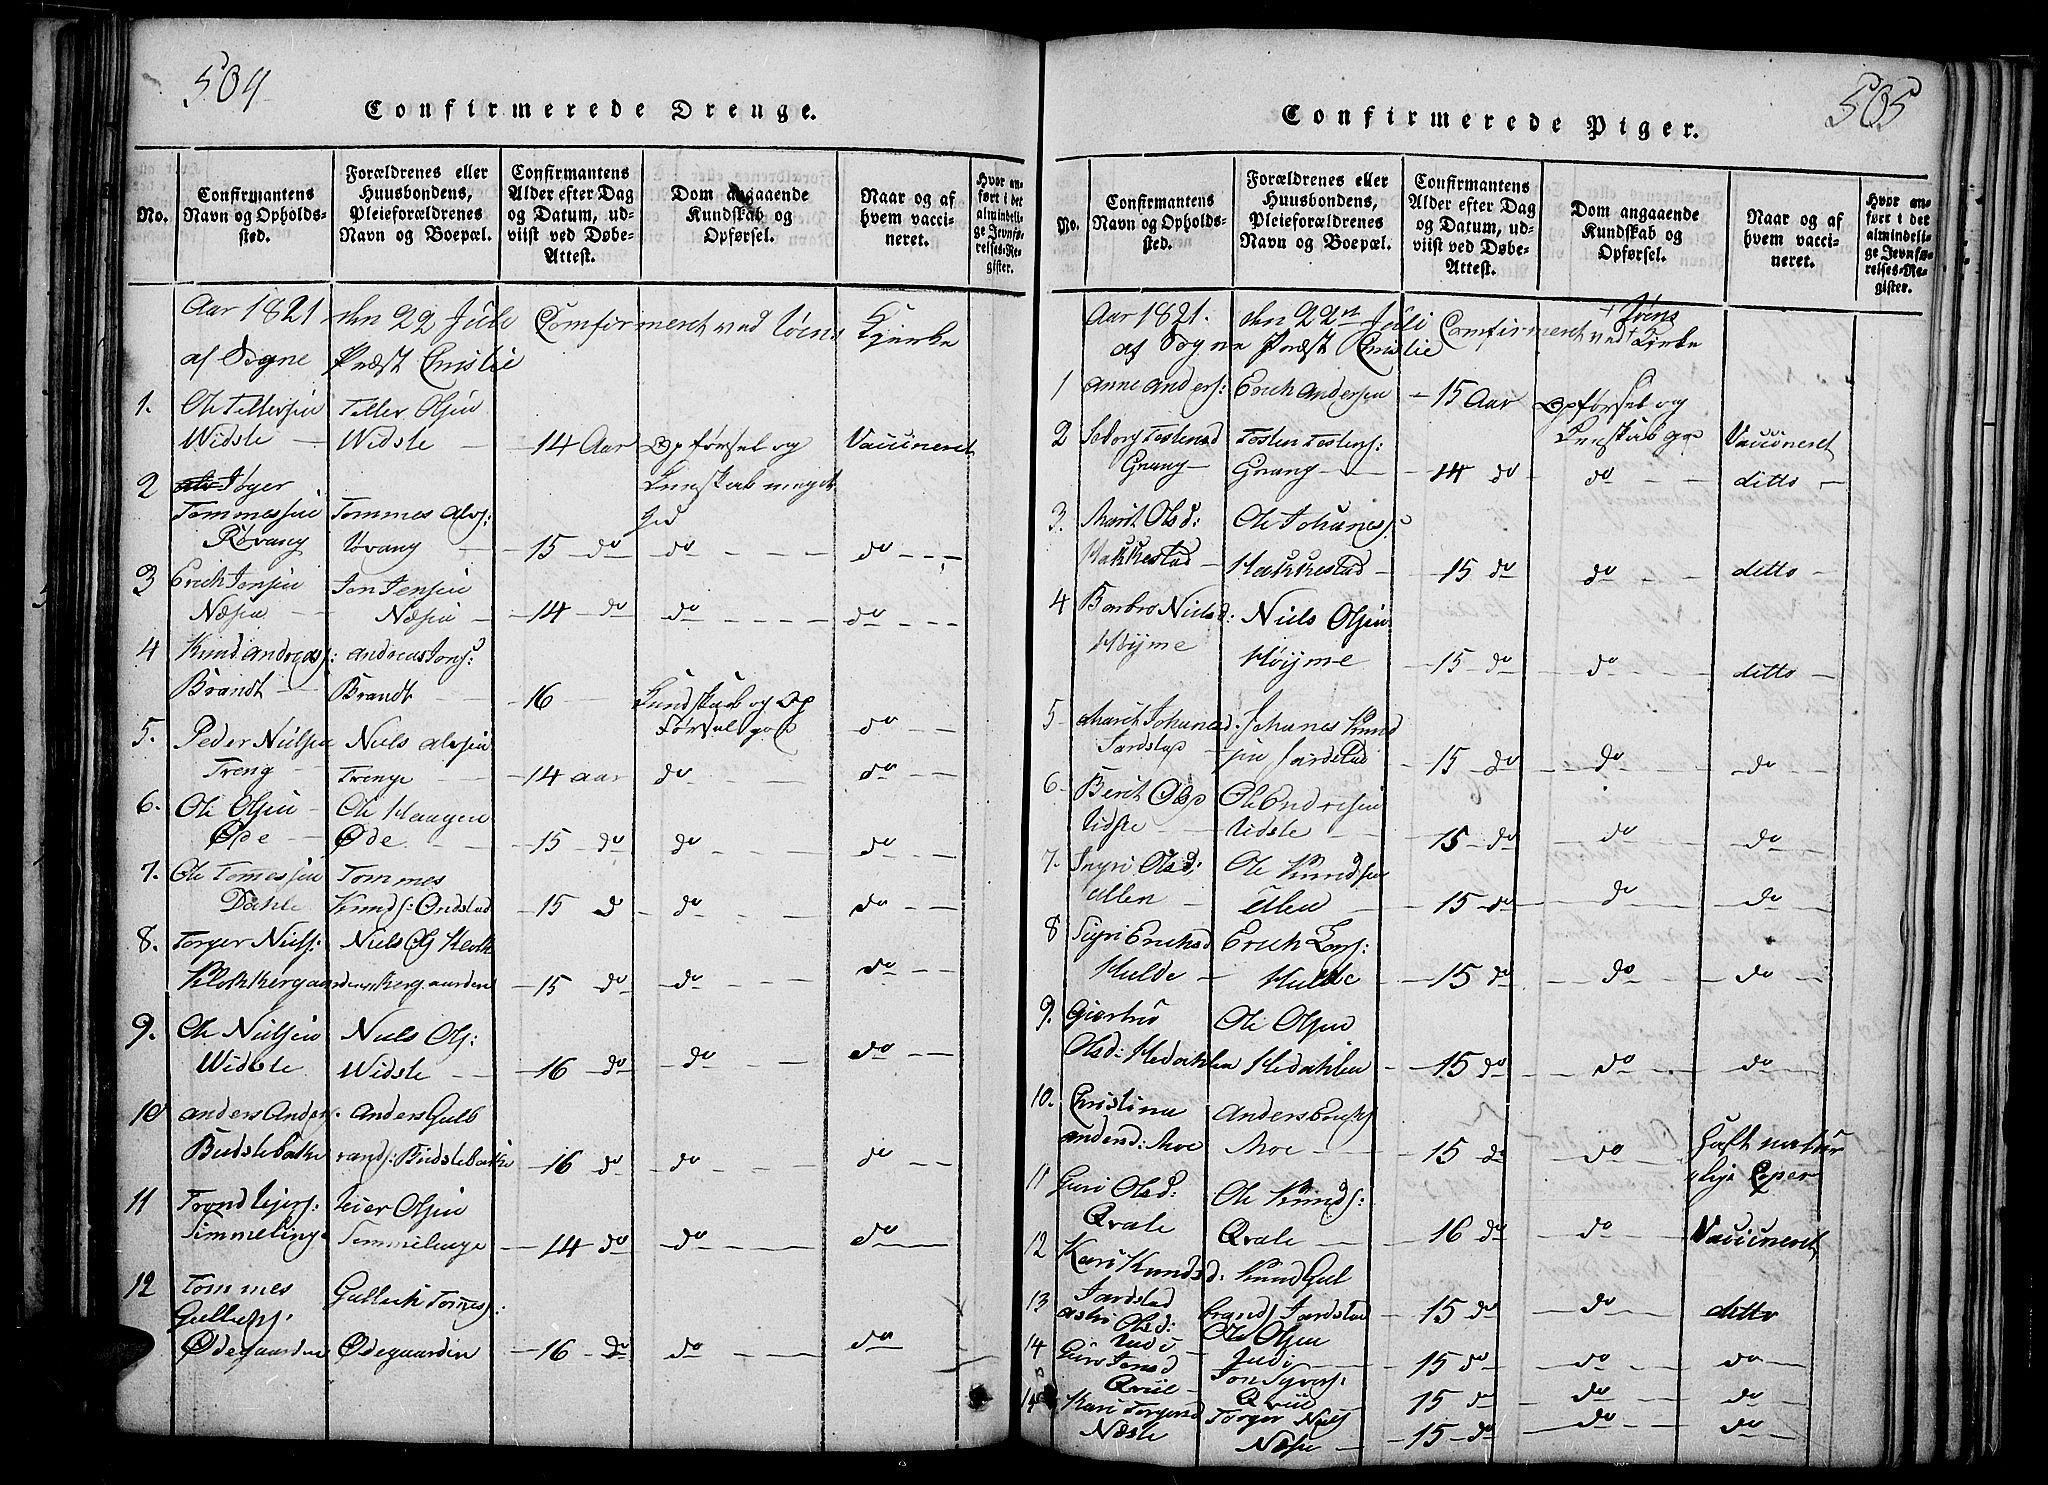 SAH, Slidre prestekontor, Ministerialbok nr. 2, 1814-1830, s. 504-505